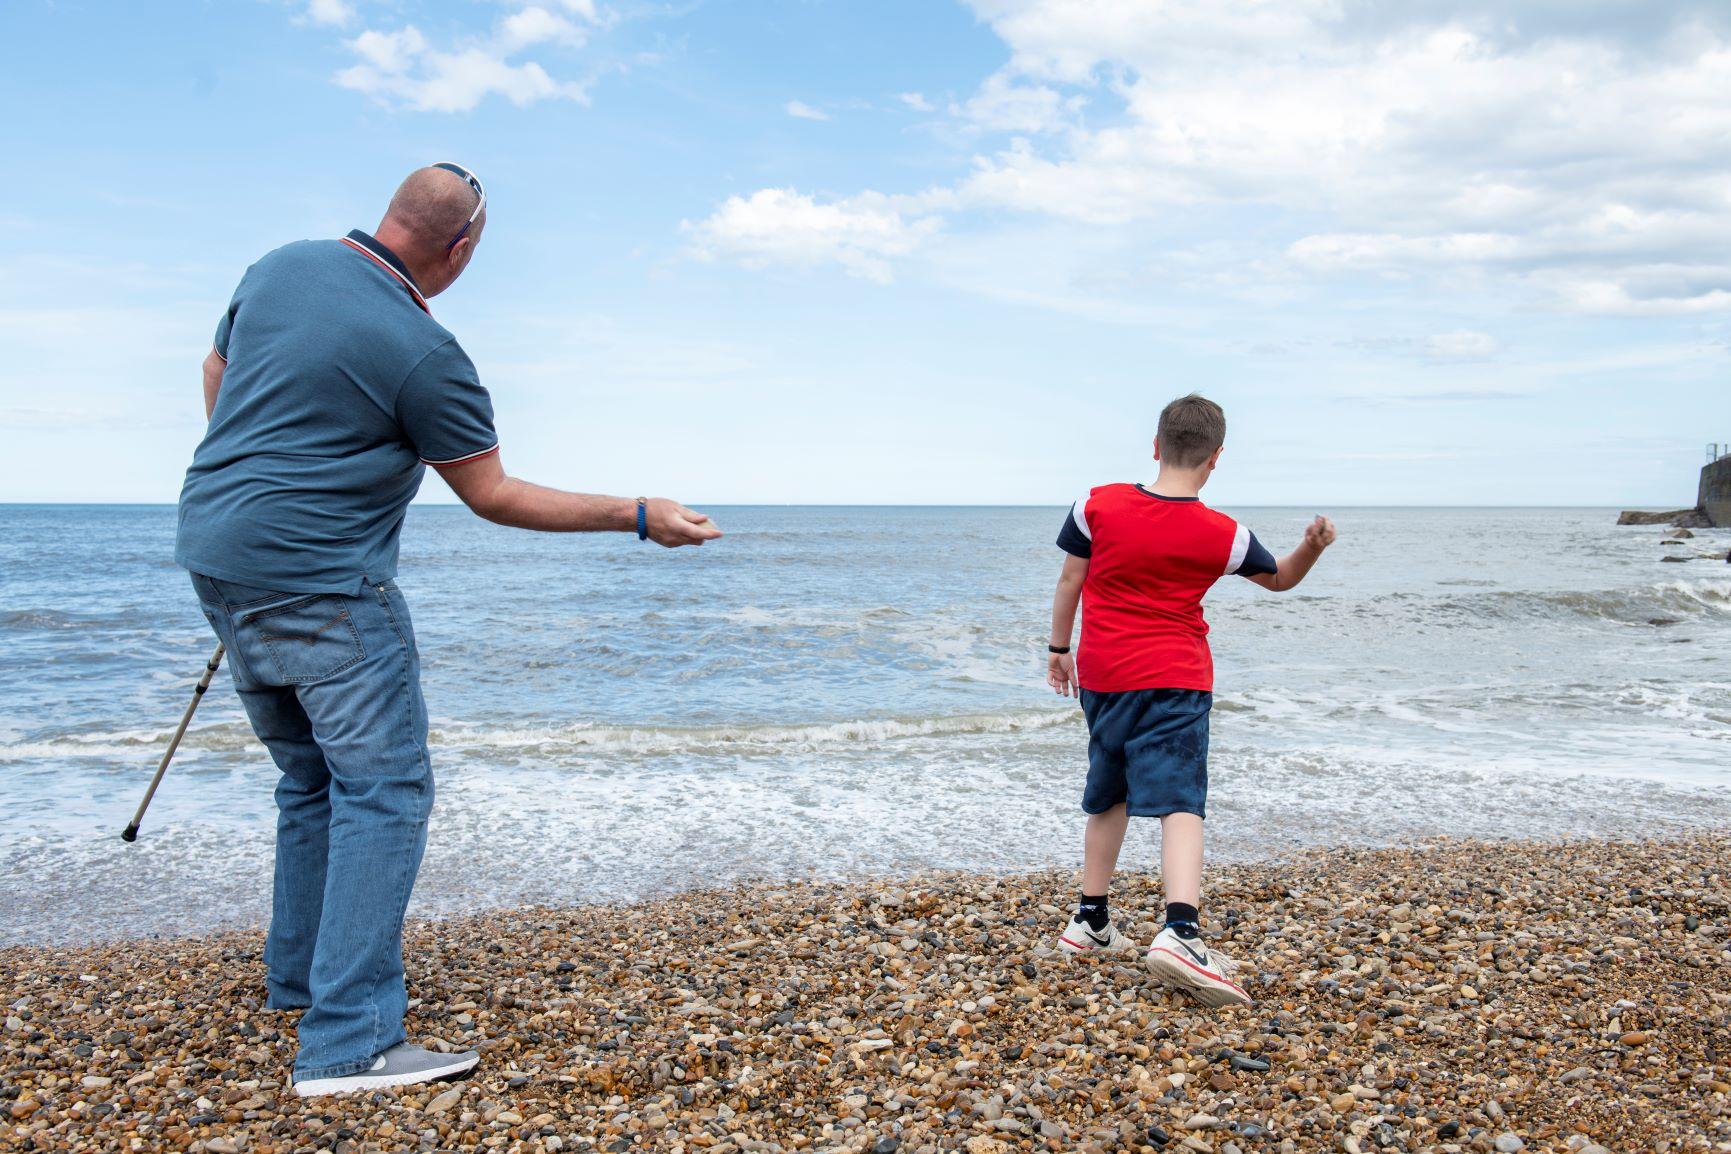 Stone skimming at Seaham Beach